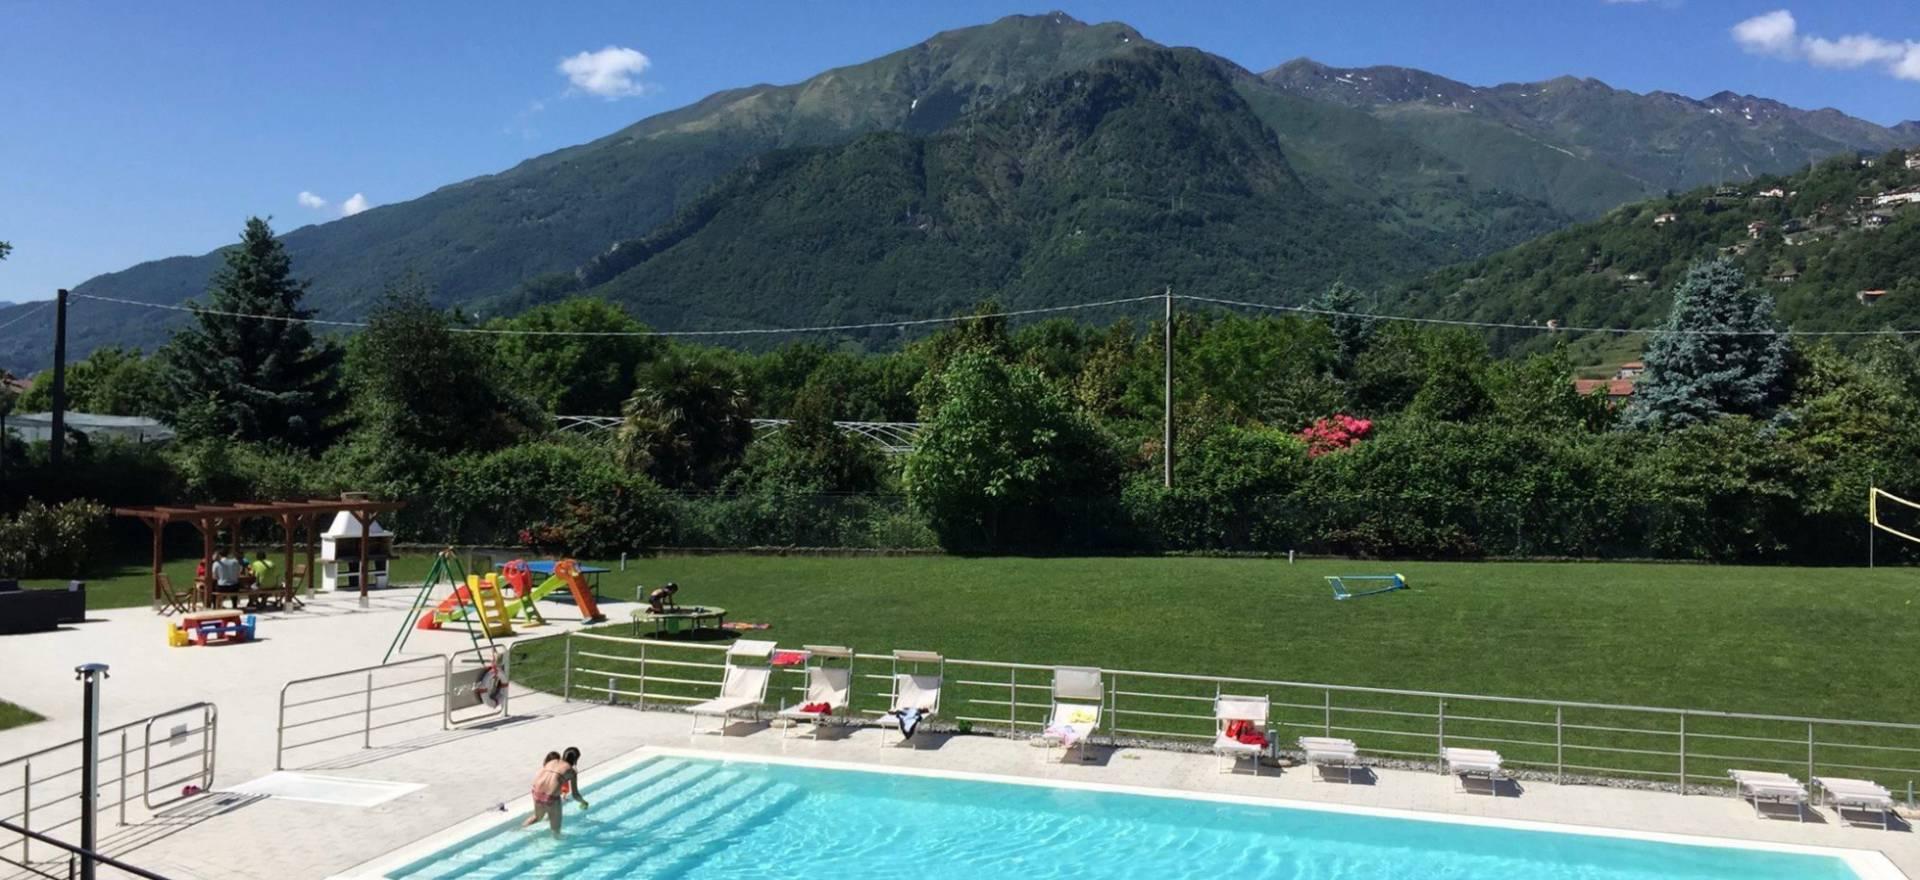 Agriturismo Comer See und Gardasee Agriturismo am Comer See, mit  Pool und familienfreundlich